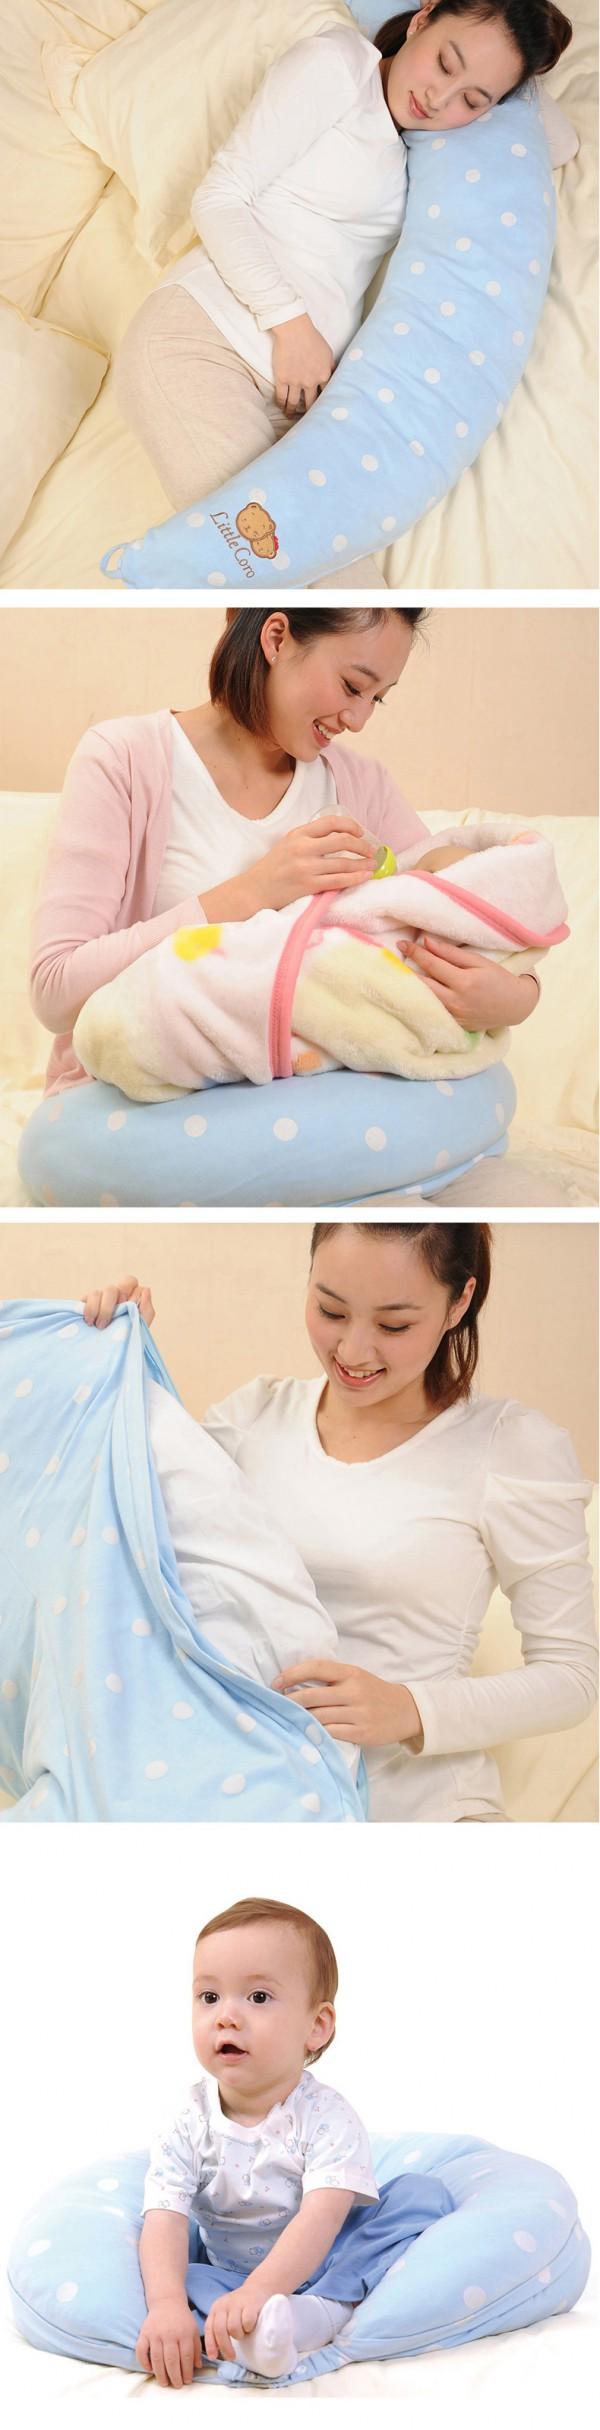 贝亲多功能哺乳枕    哺乳新招式·解放妈妈的双手